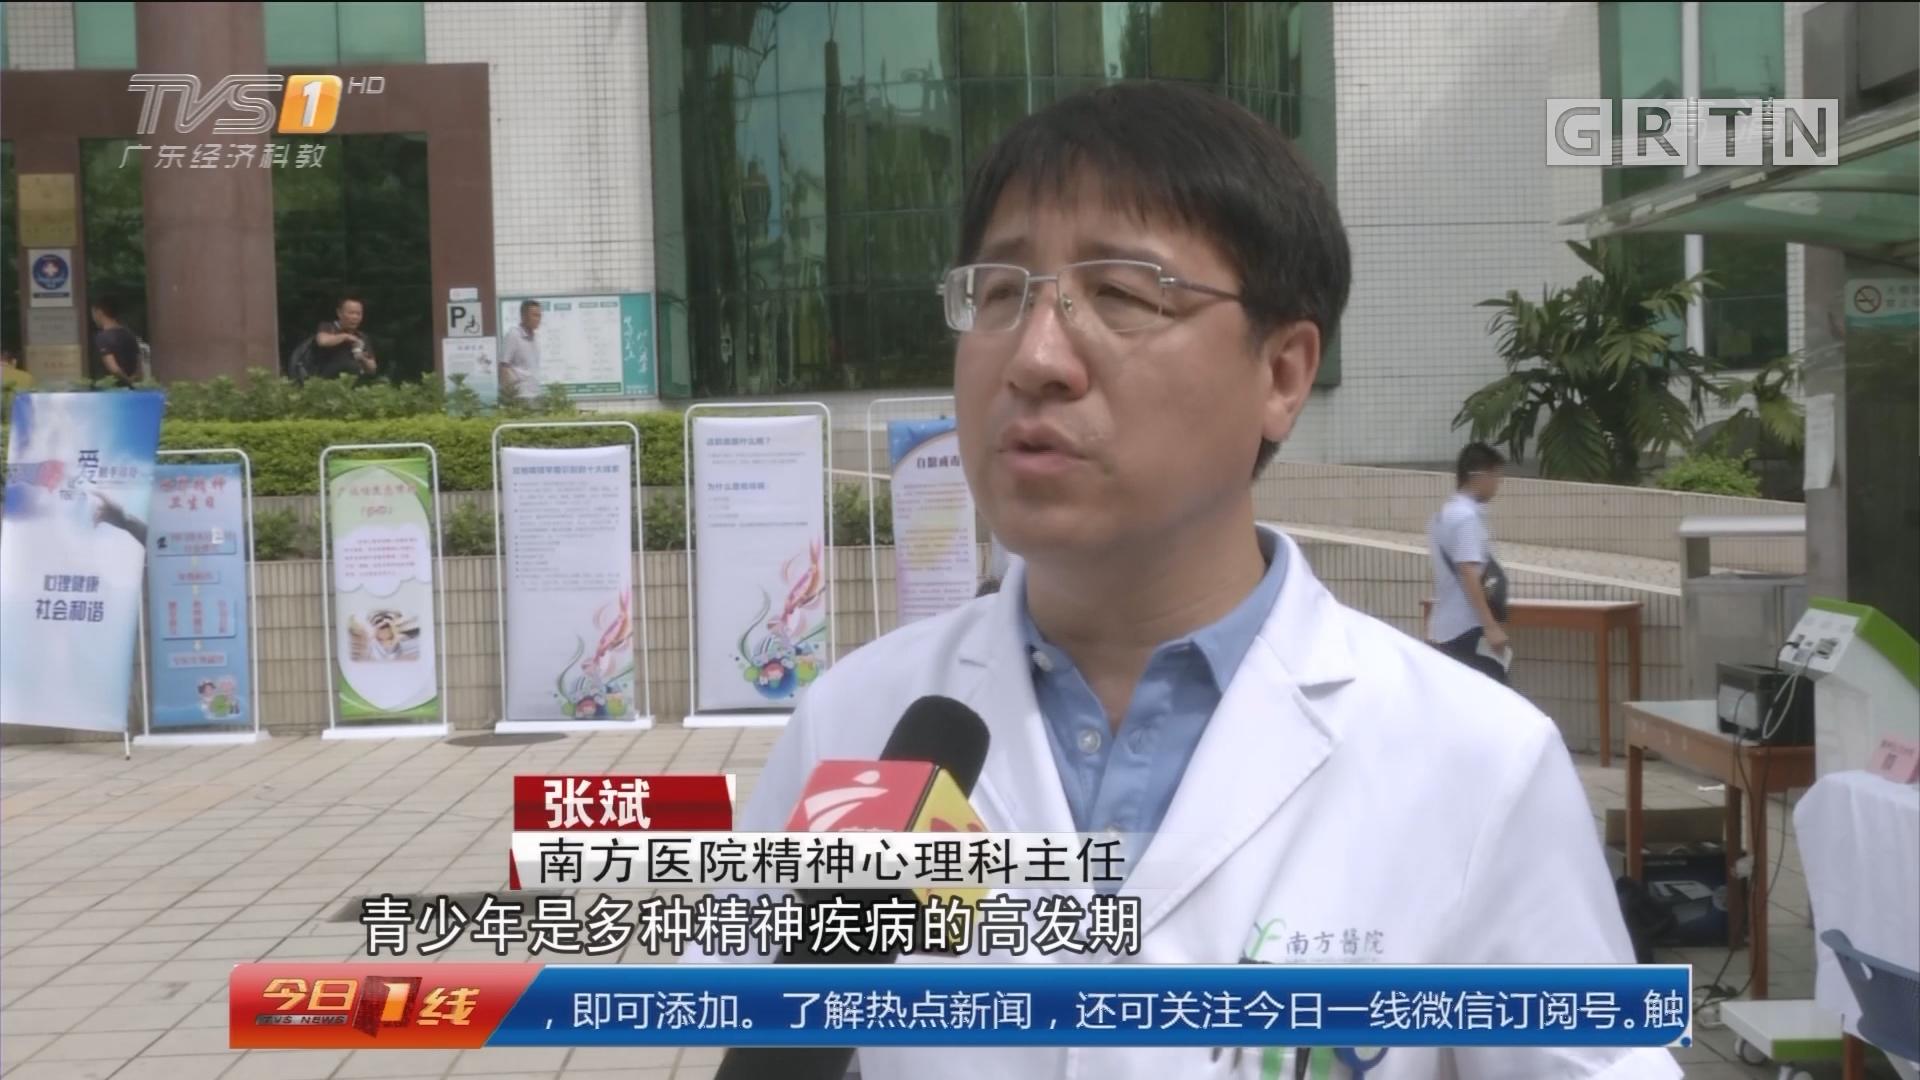 """广州 """"隐性成瘾"""":每天刷多久手机?"""